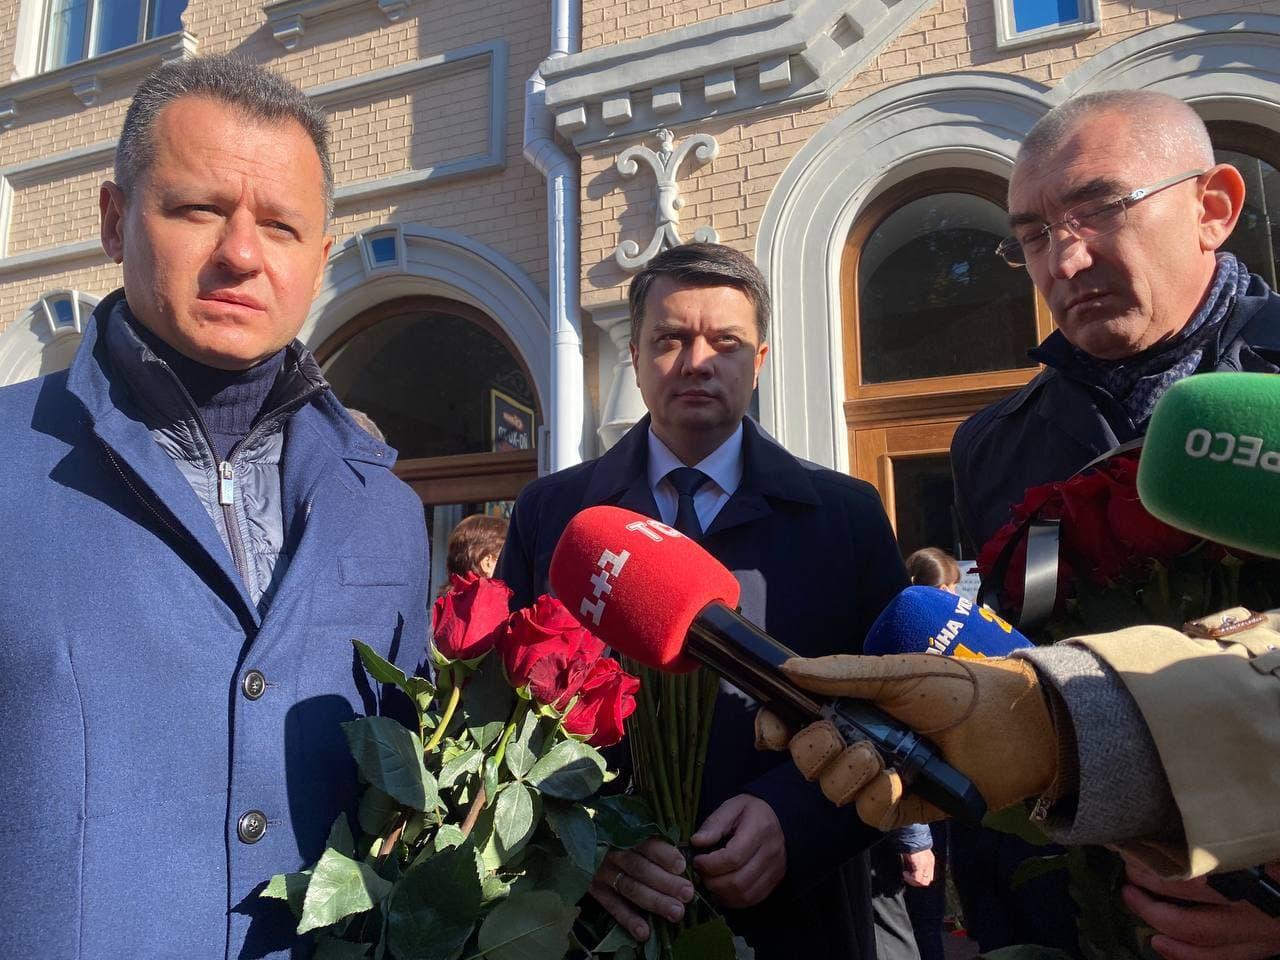 На похорон Полякова у Чернігів приїхали Разумков і Скороход, фото - Страна